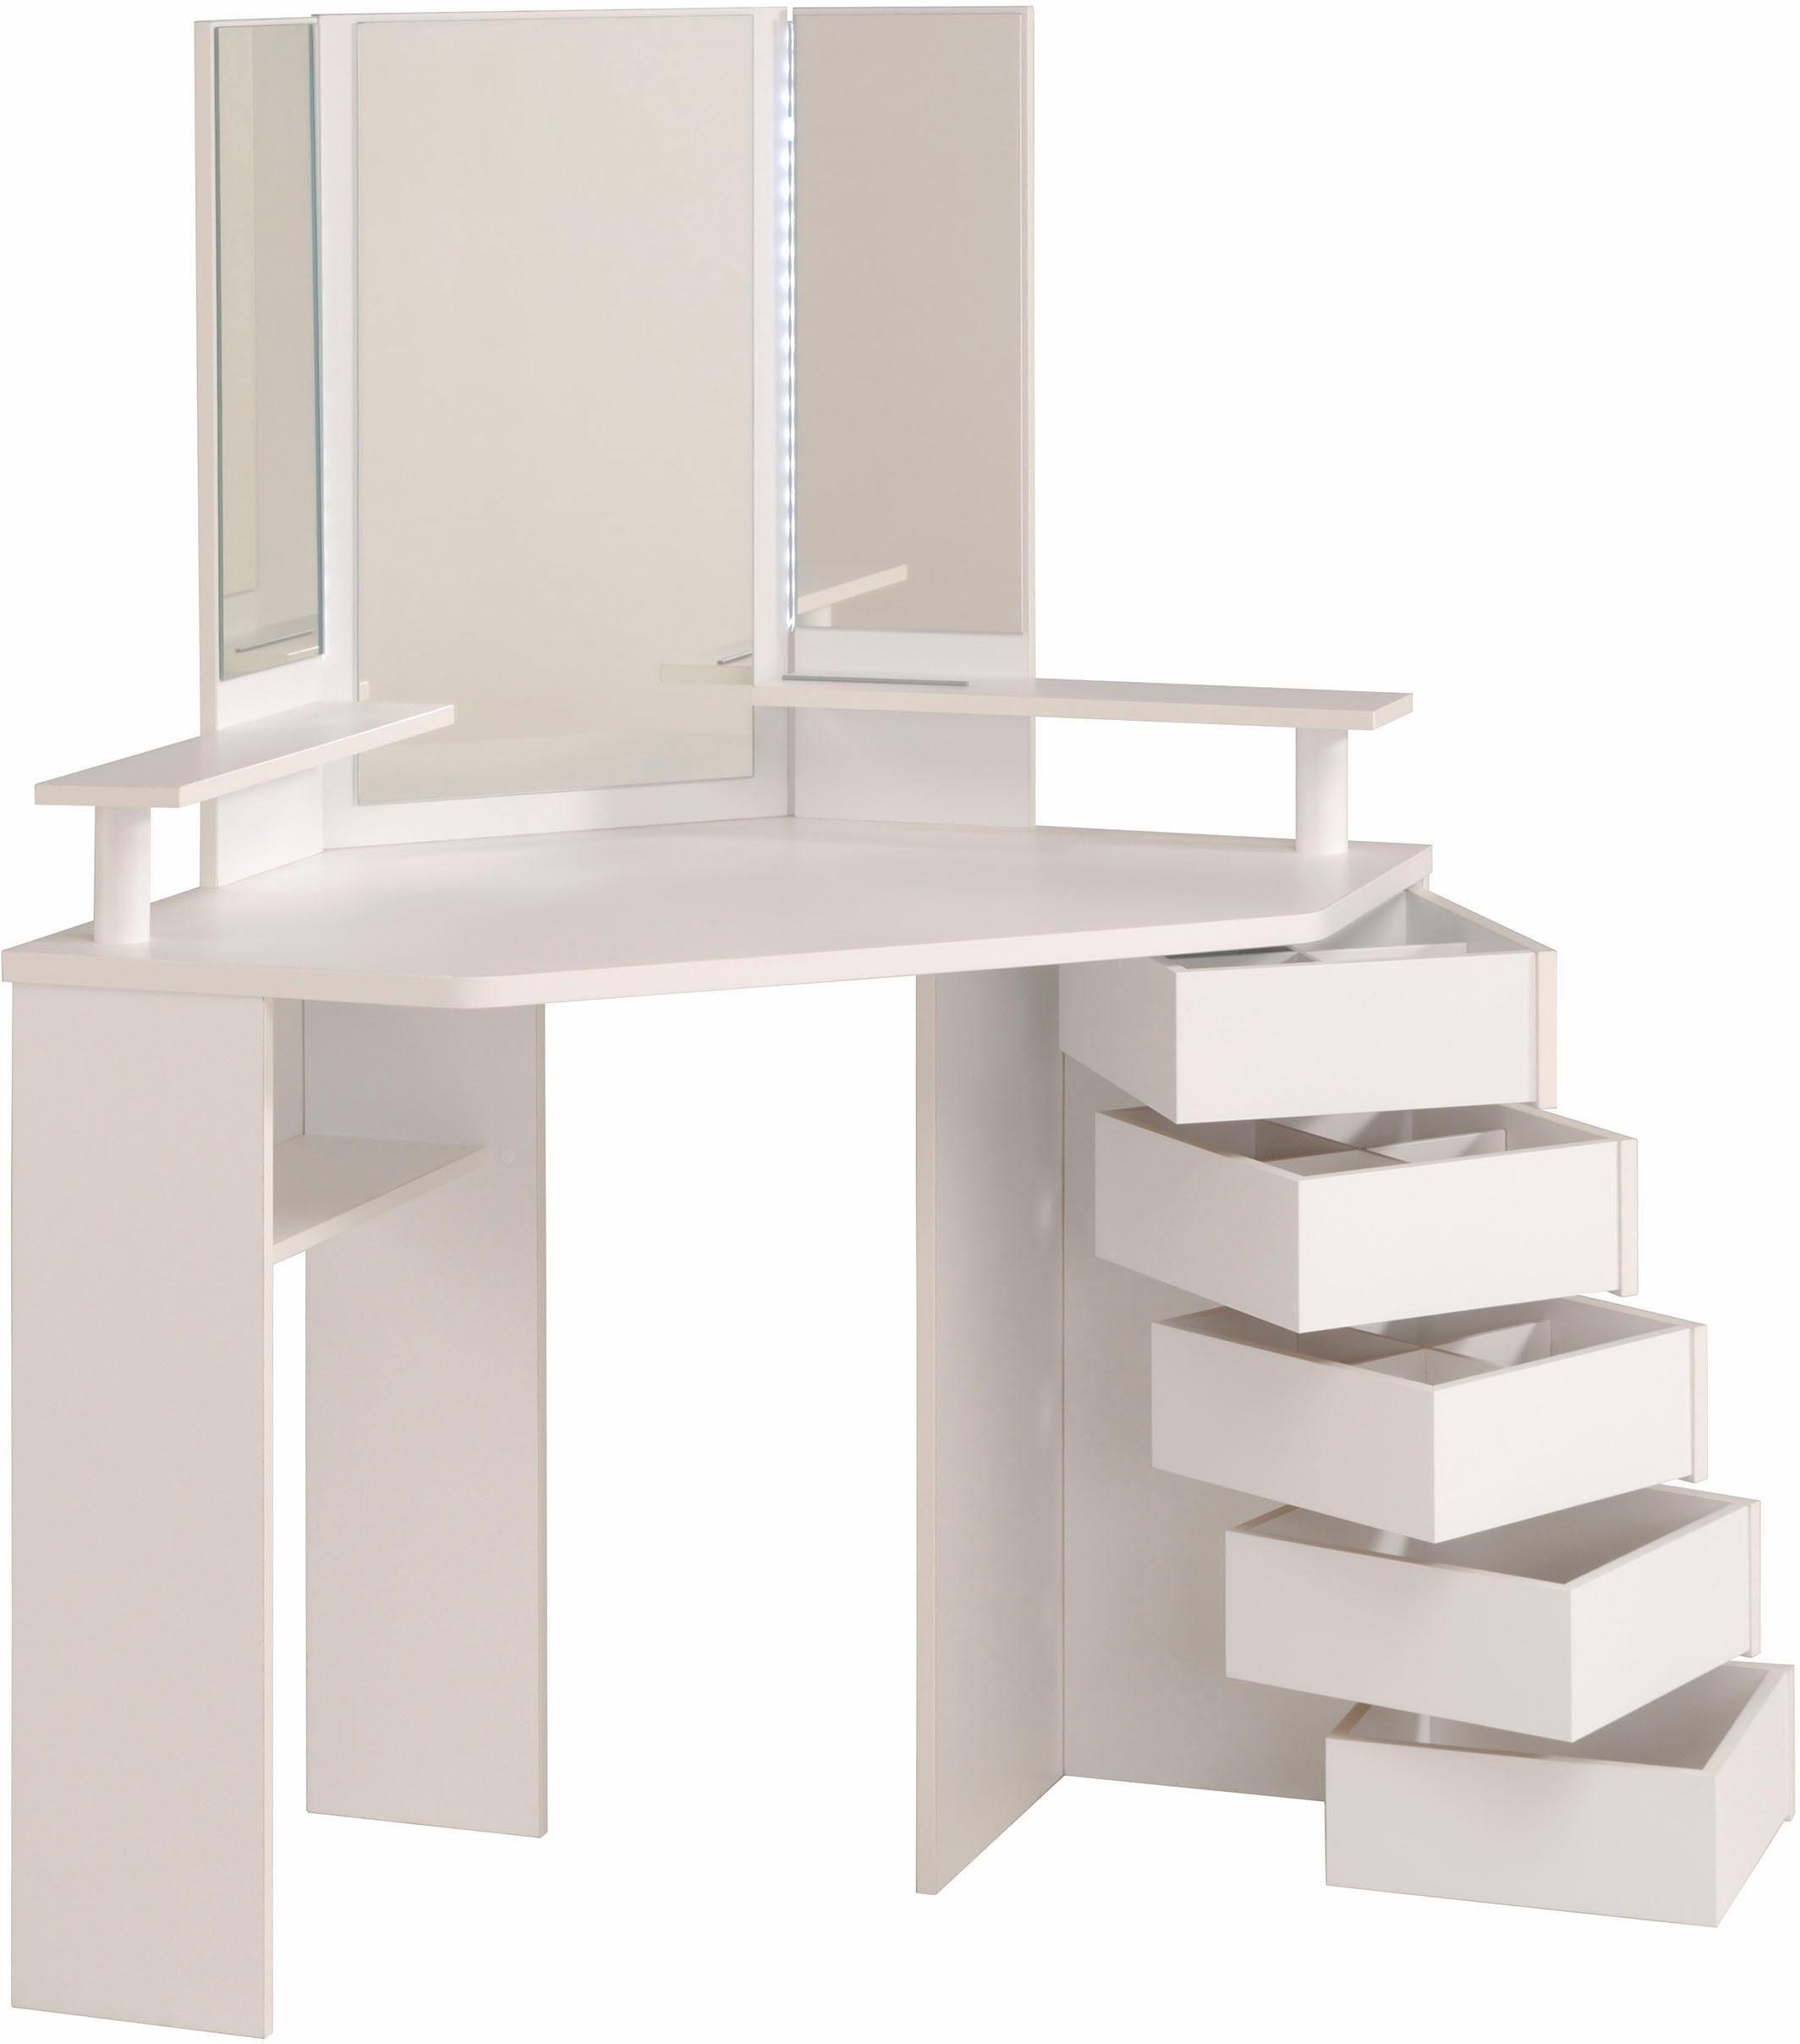 7 h bsche schminkkommoden viel platz f r sch nheit. Black Bedroom Furniture Sets. Home Design Ideas